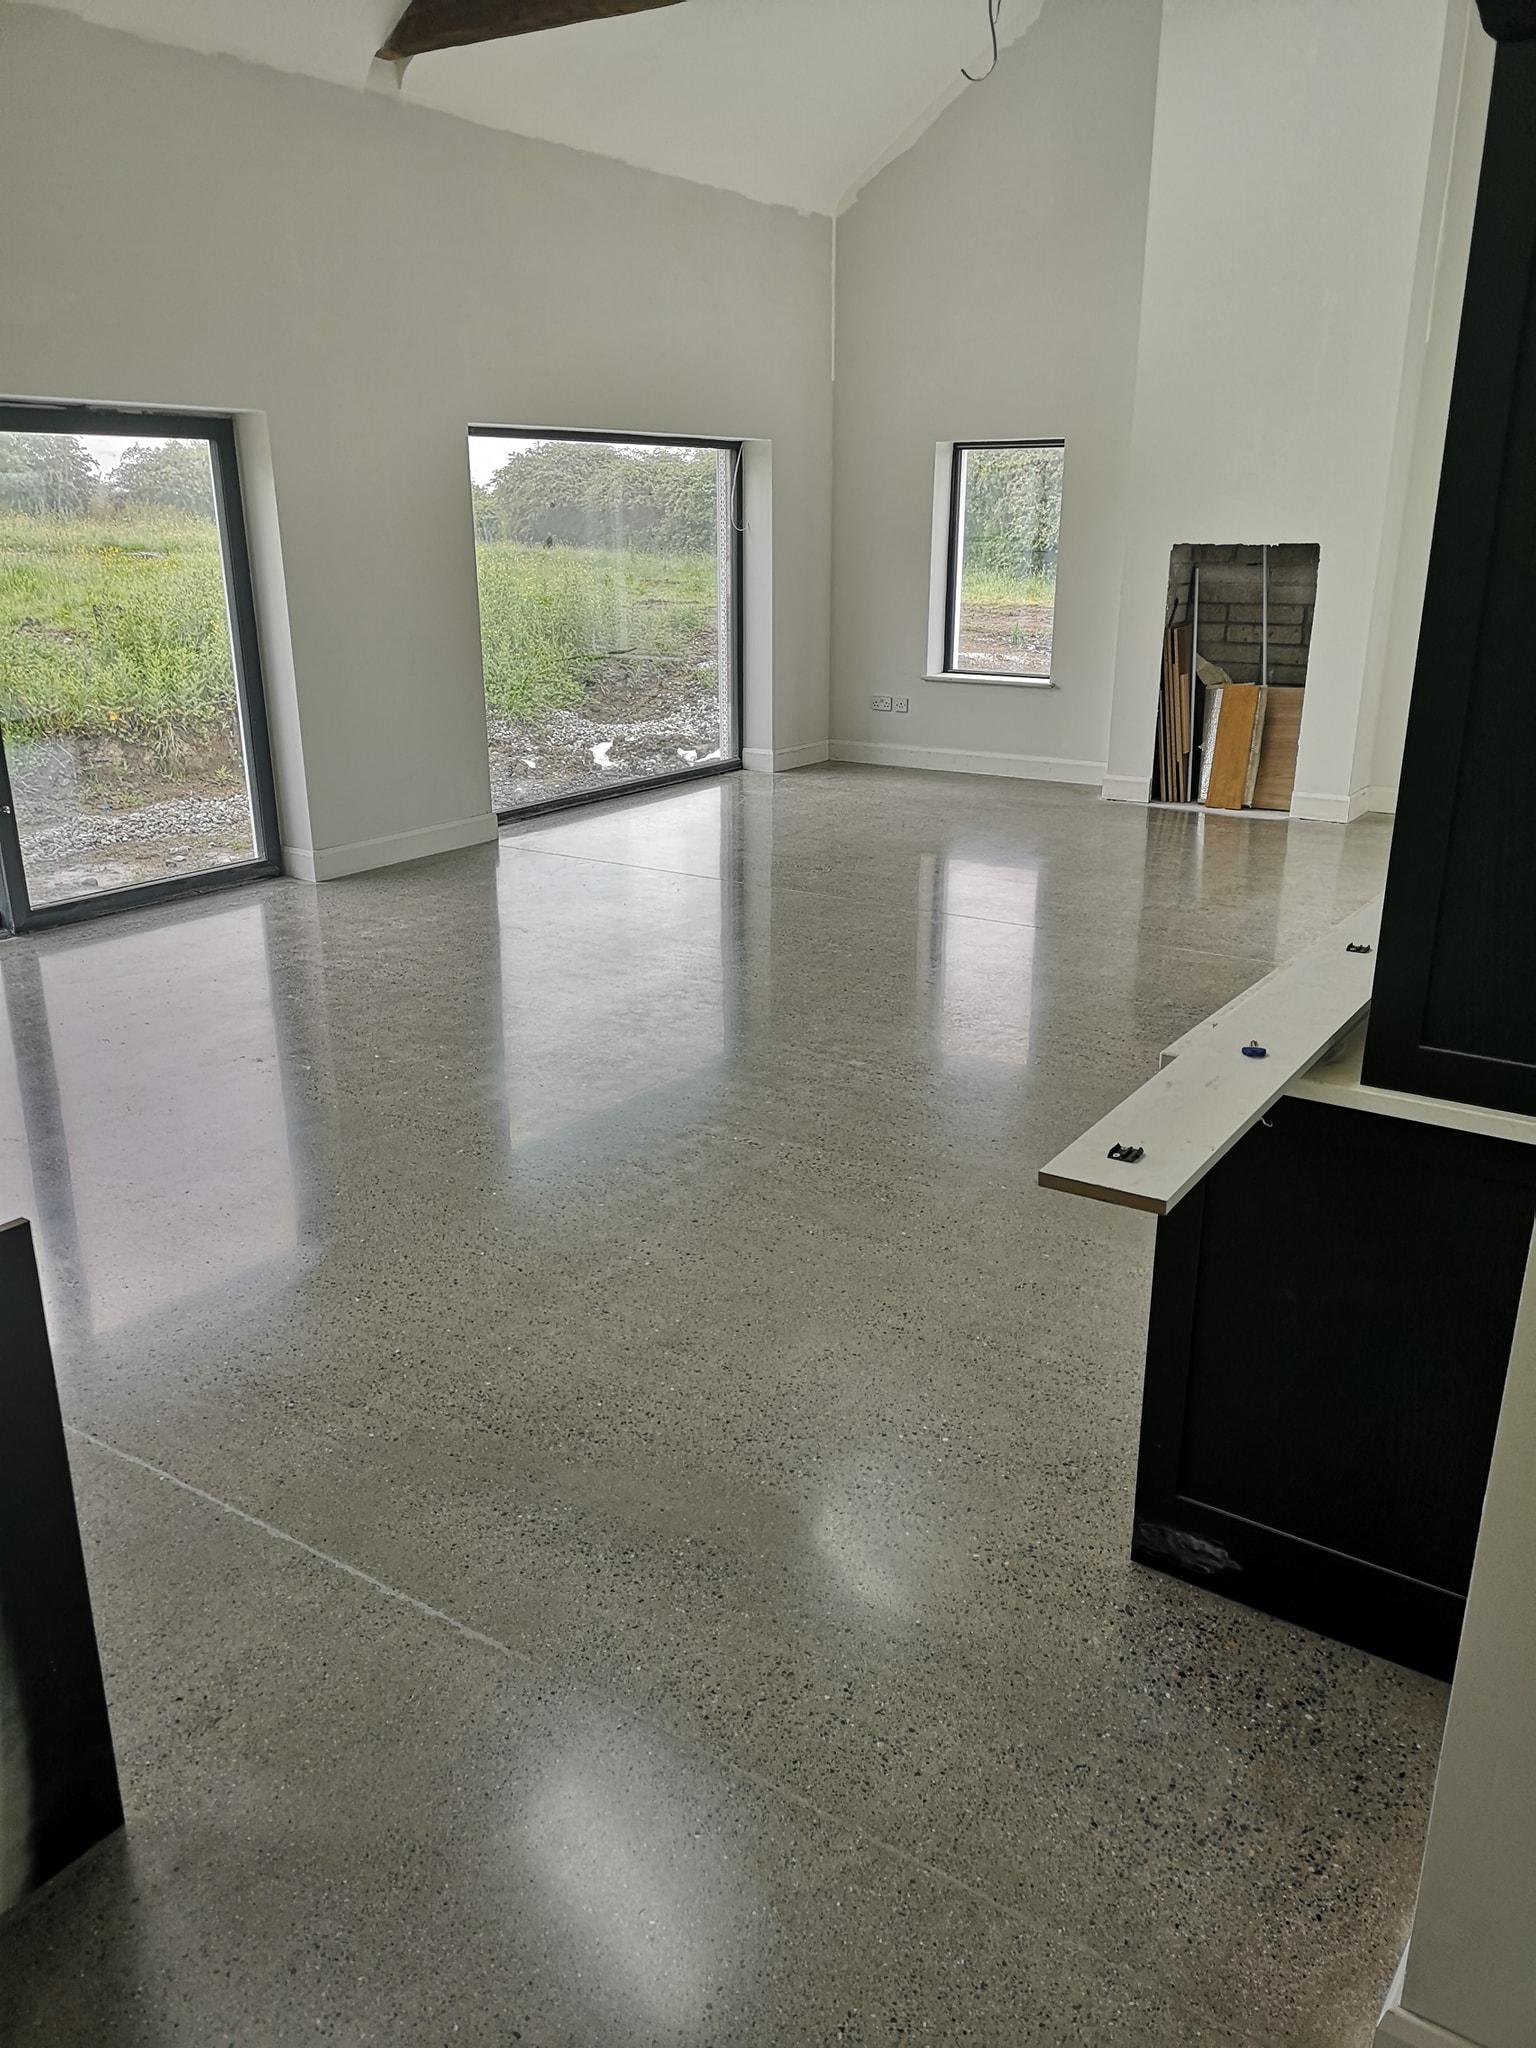 Concrete Kitchen floor in semi gloss finish